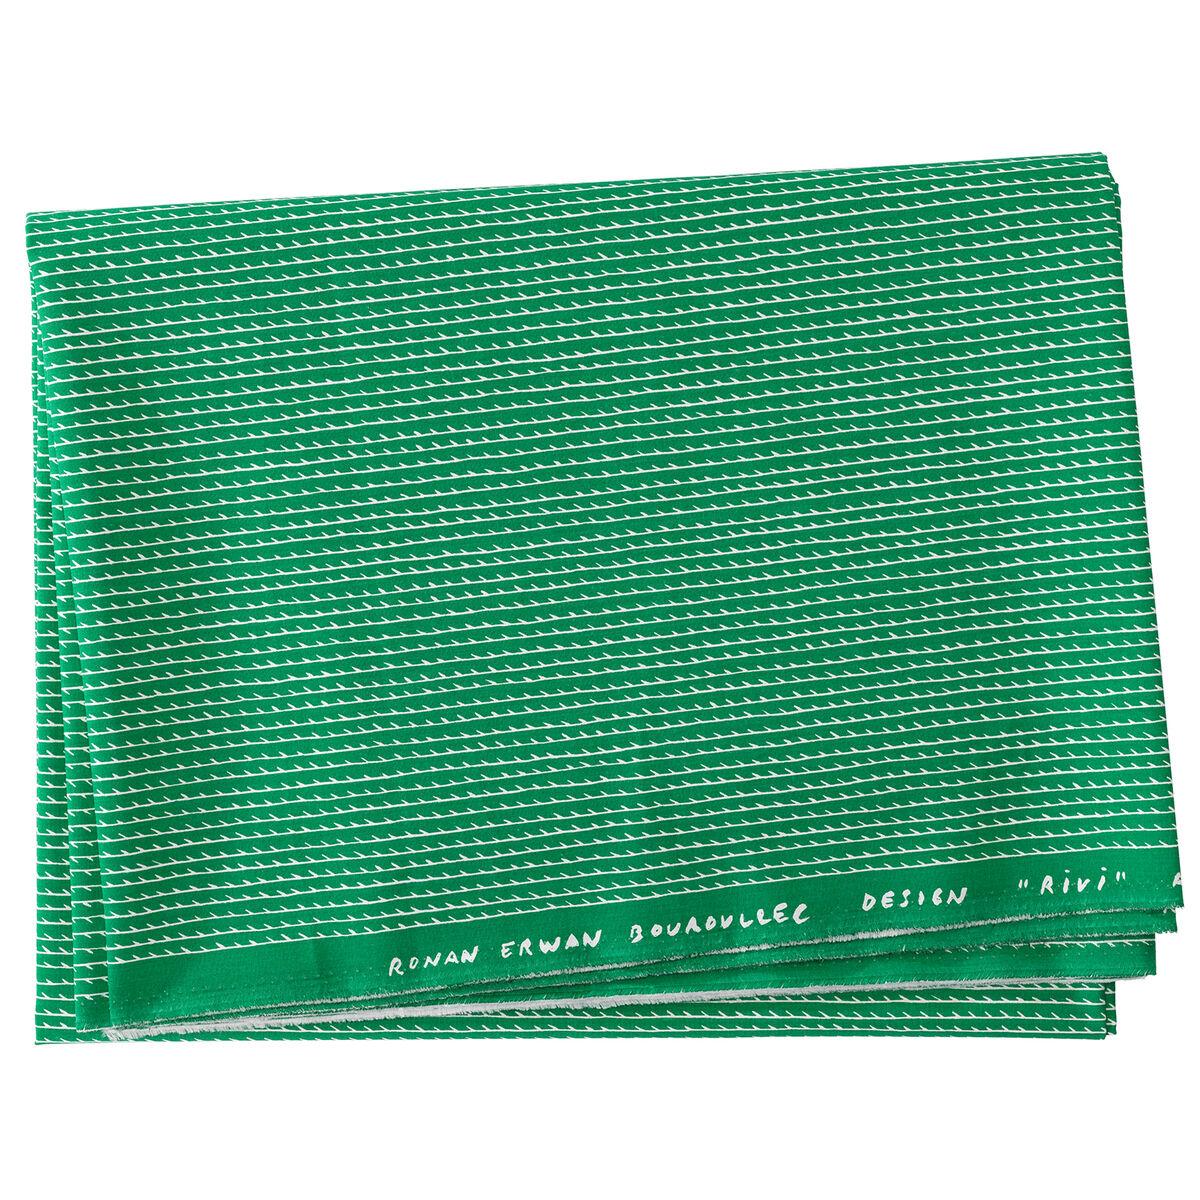 Artek Rivi akryylipinnoitettu kangas 145 x 300 cm, vihre�-valkoinen